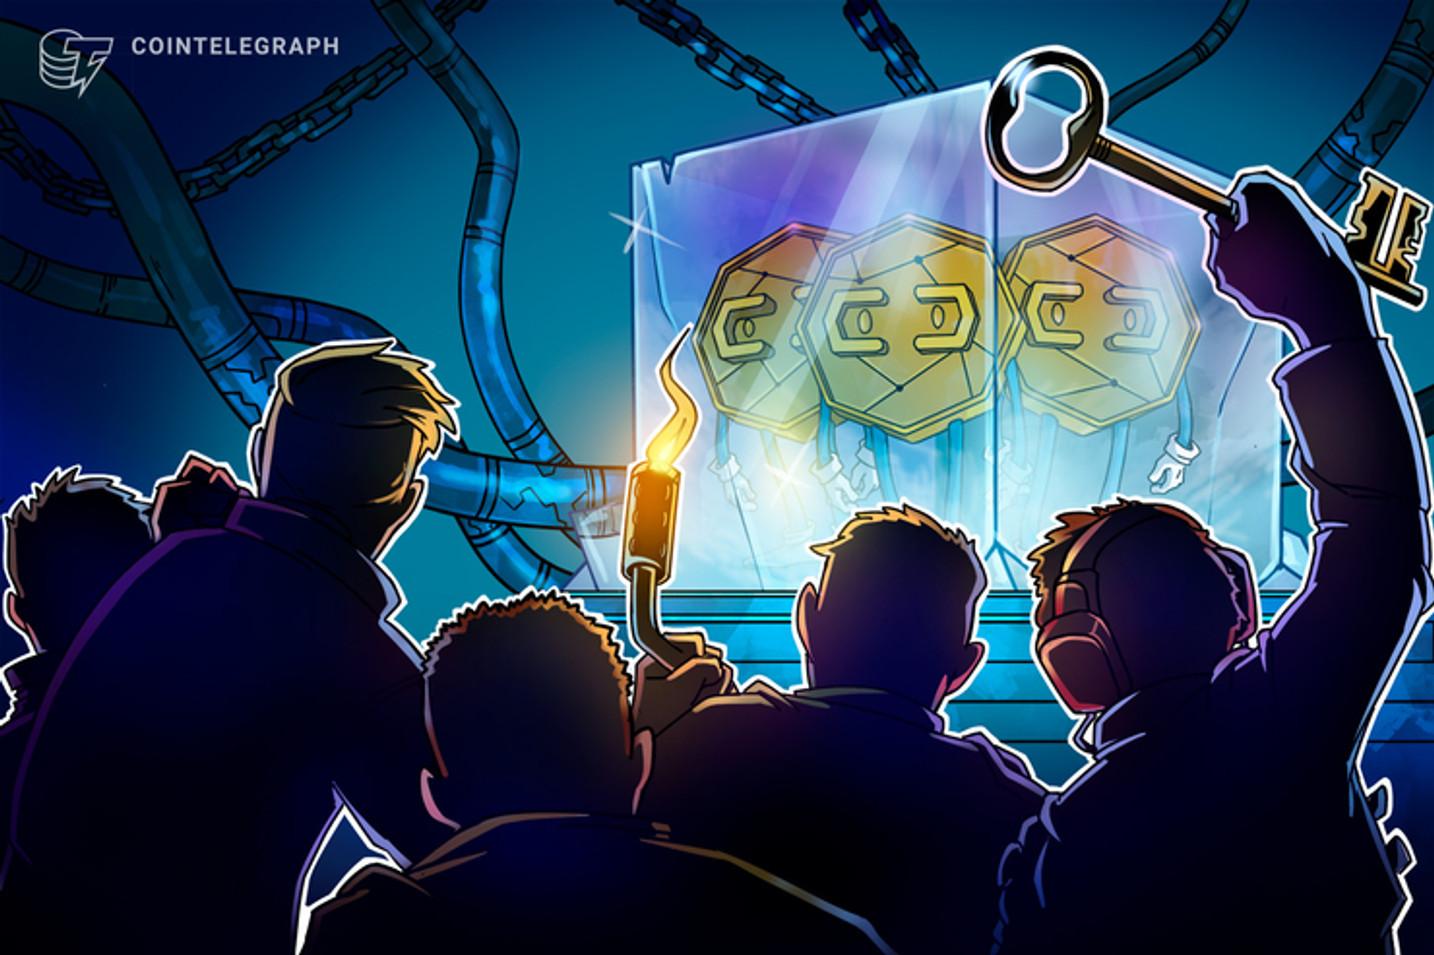 'Novo Quantum' não emplaca e cliente tenta 'trocar' 55 Bitcoins por 2 mas não consegue